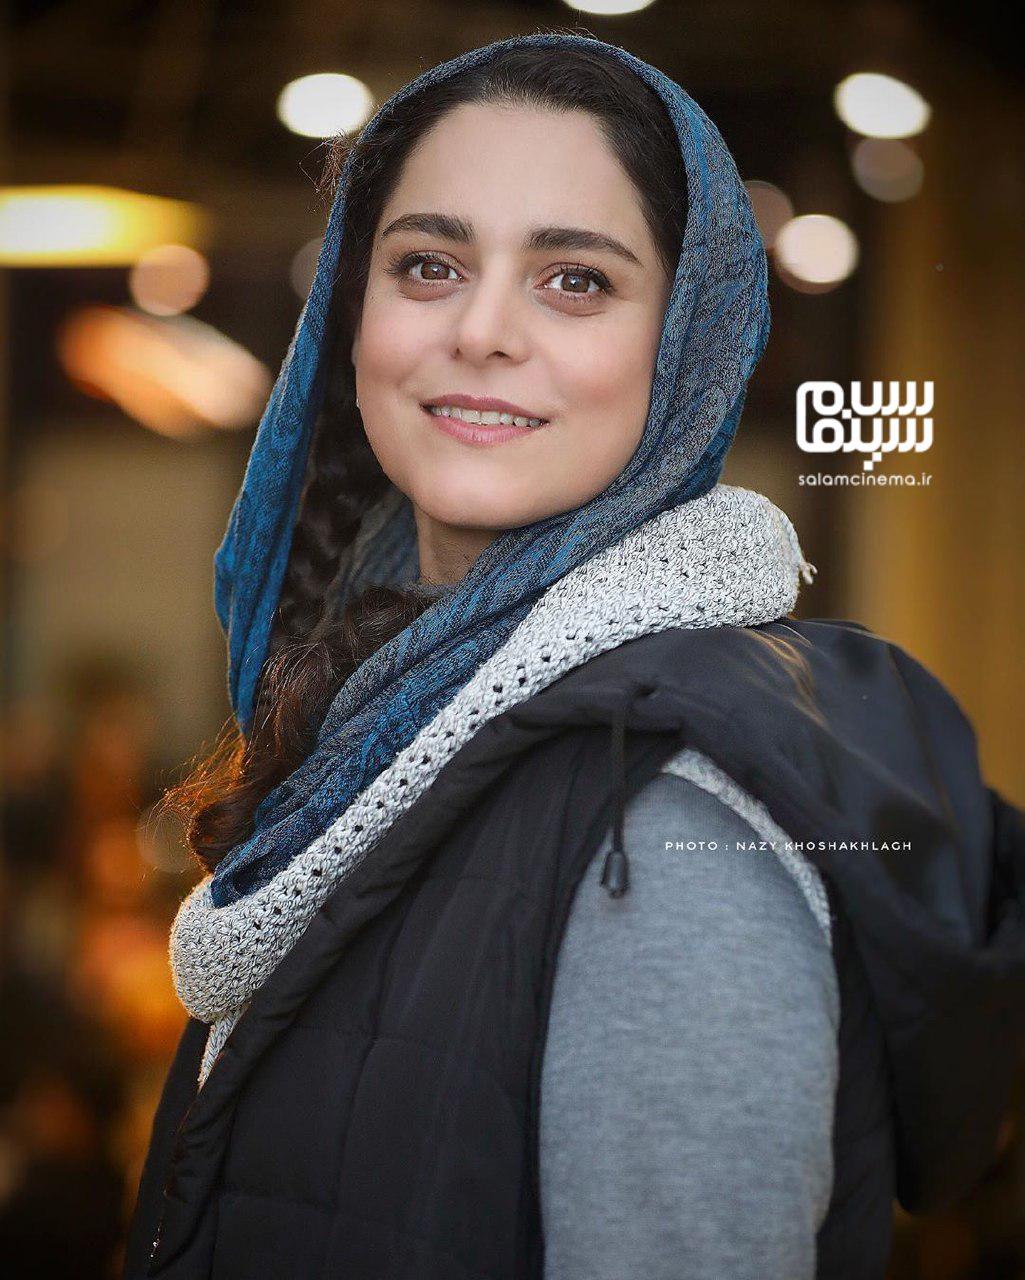 غزل شاکری - اکران خصوصی فیلم «خداحافظ دختر شیرازی»-گزارش تصویری